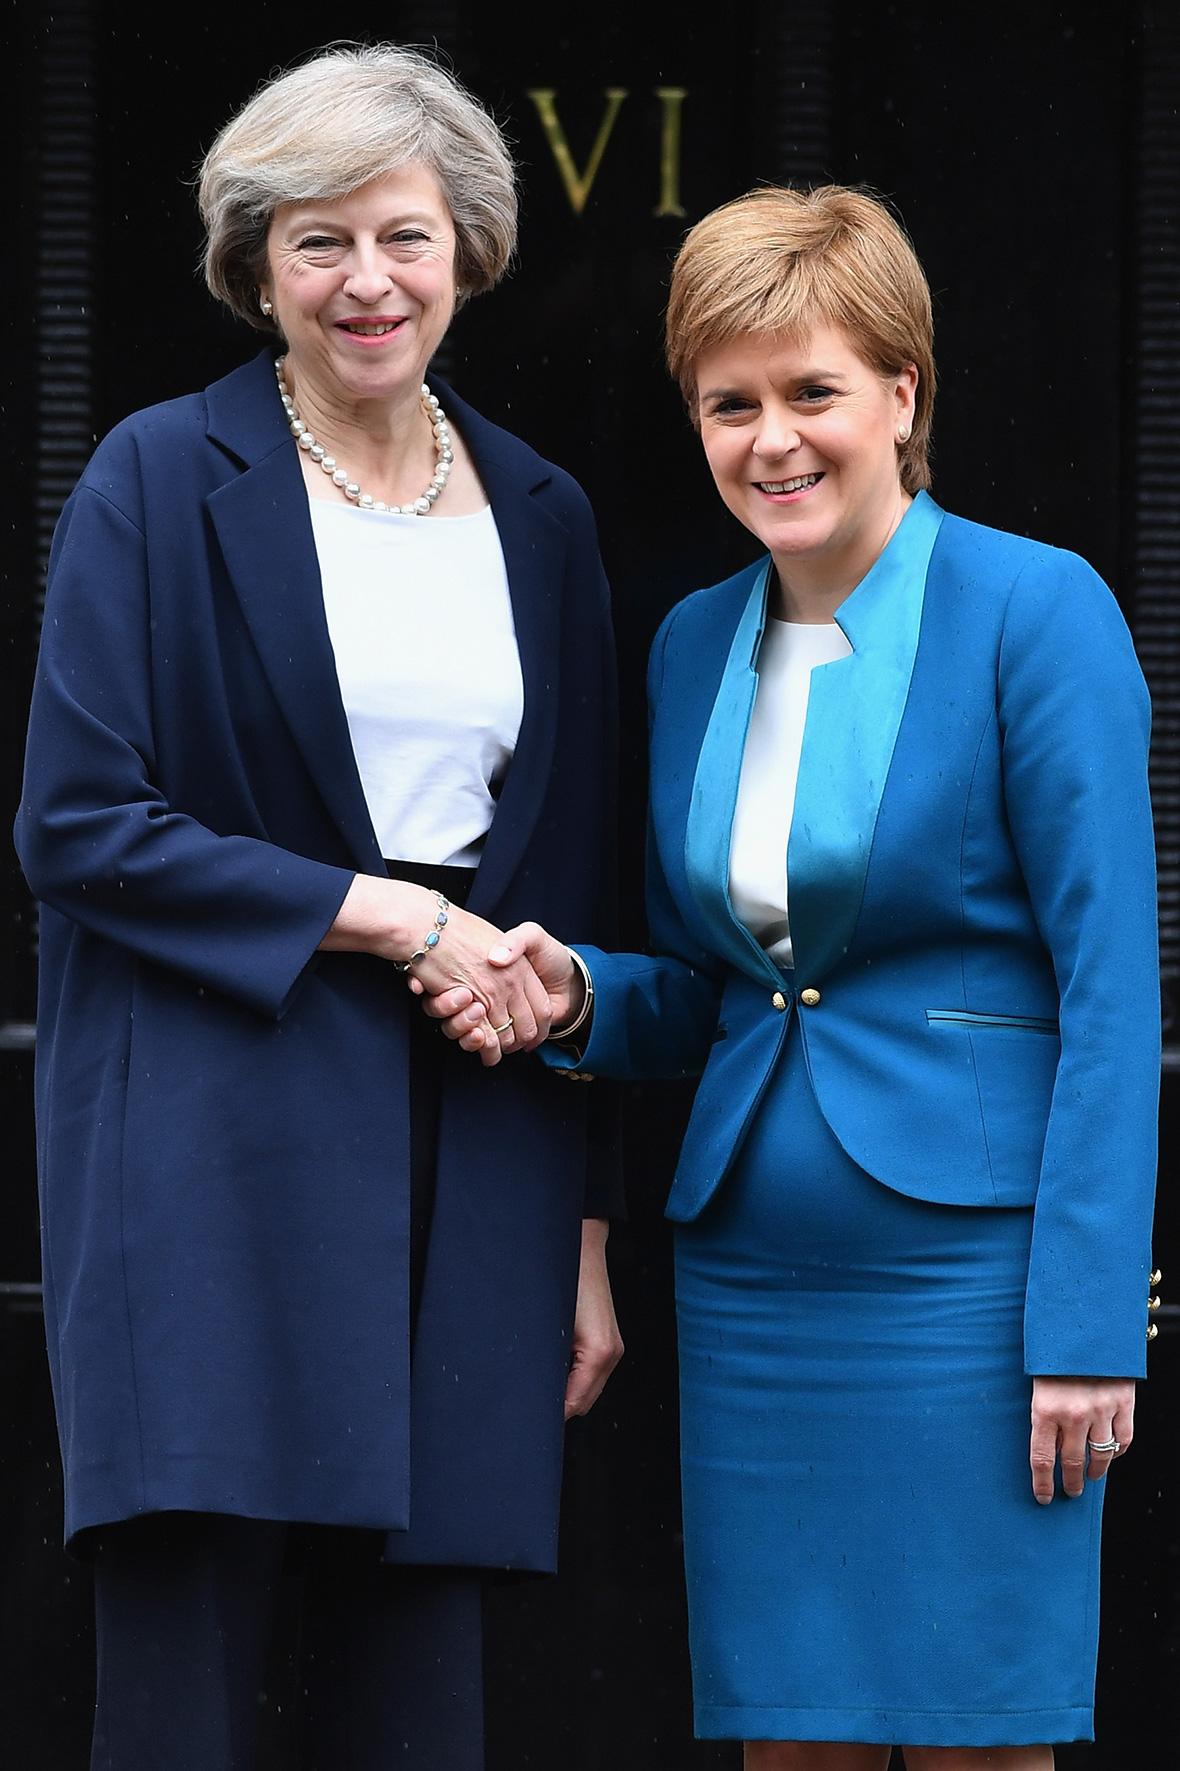 May Sturgeon